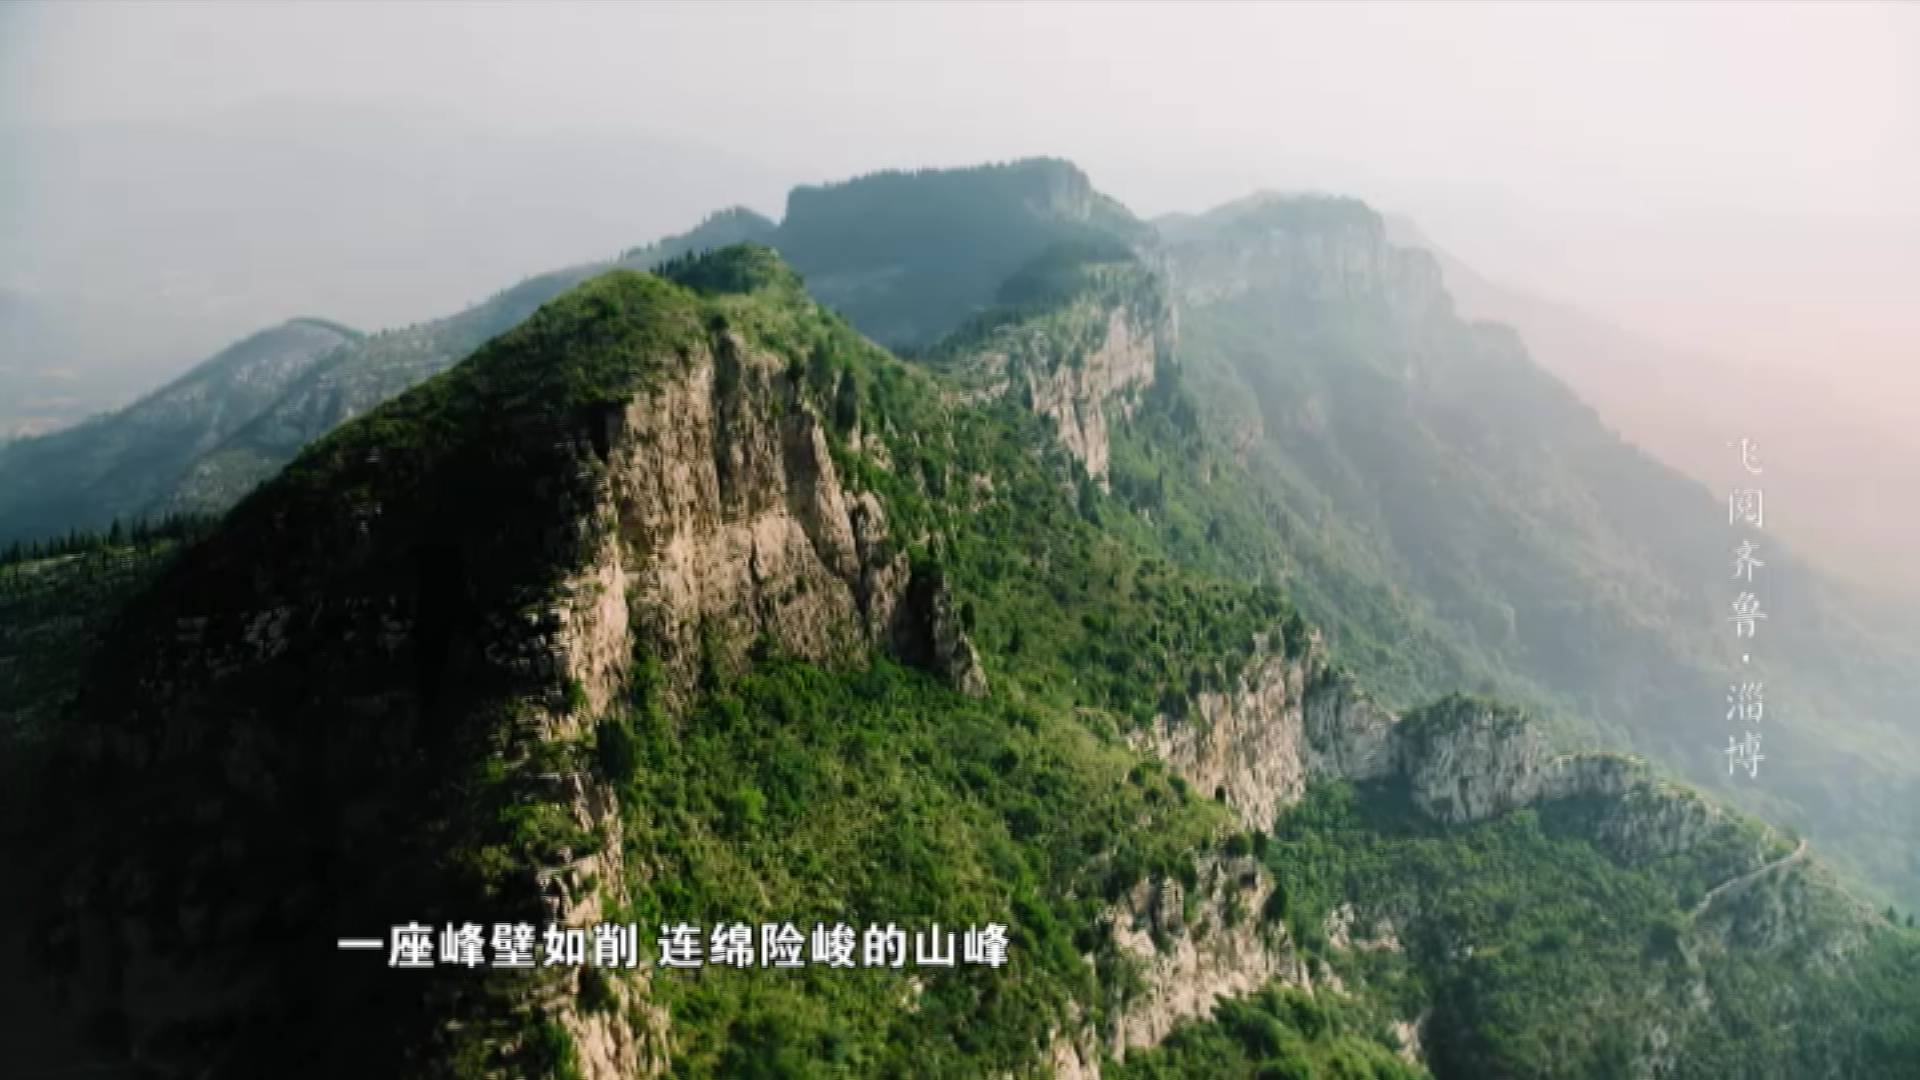 峰壁如削雄奇险秀 这座鲁中名山凝聚了历史风云与红色印记|《飞阅齐鲁》